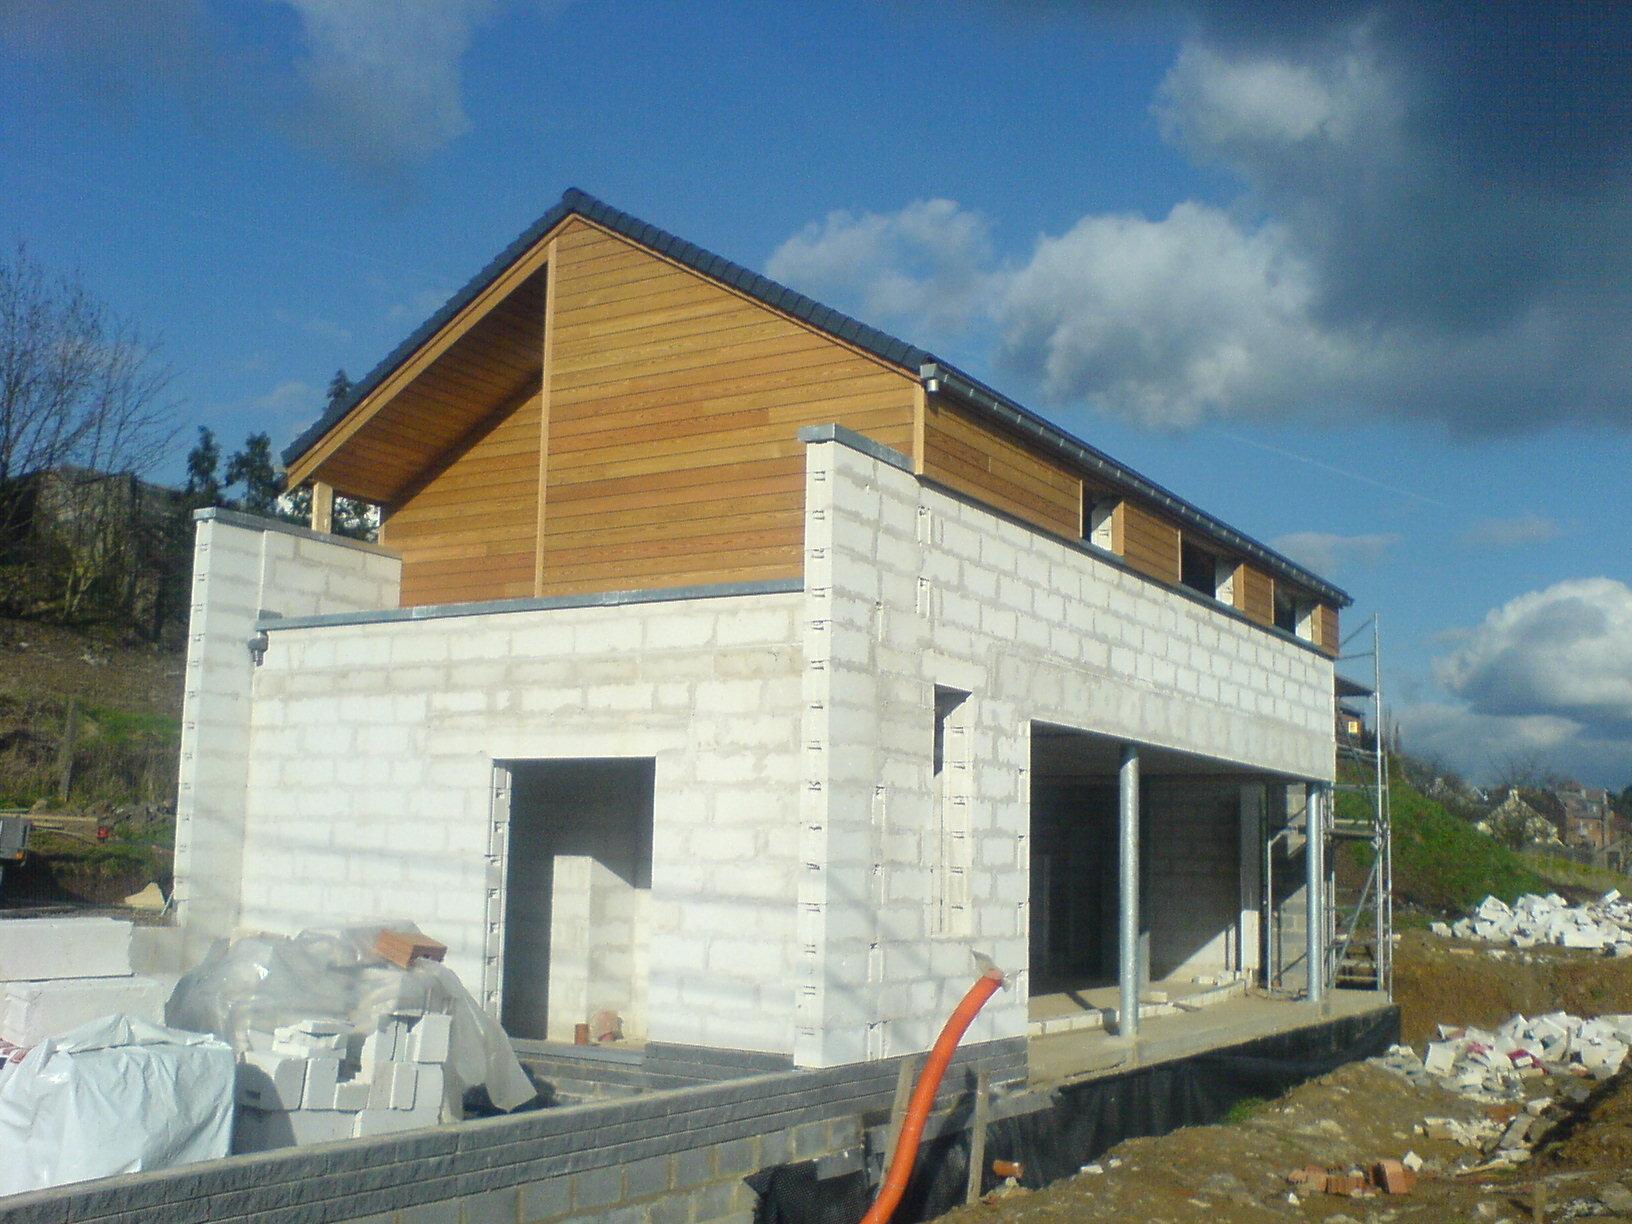 Maison Bioclimatique Namur